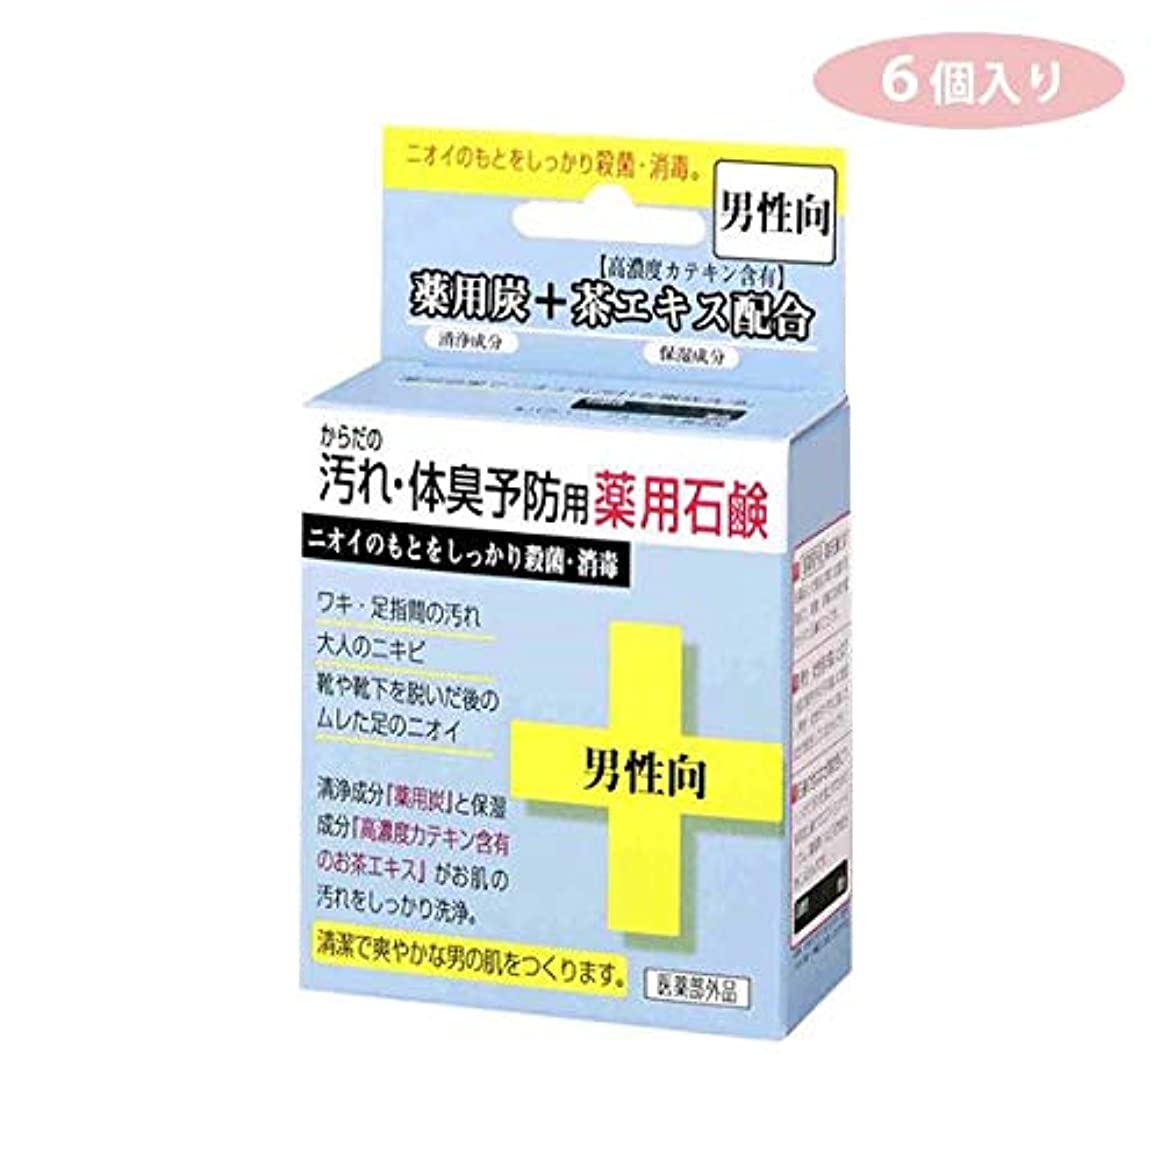 ヘッドレスズーム地球CTY-SM 6個入り からだの汚れ?体臭予防用 薬用石鹸 男性向き